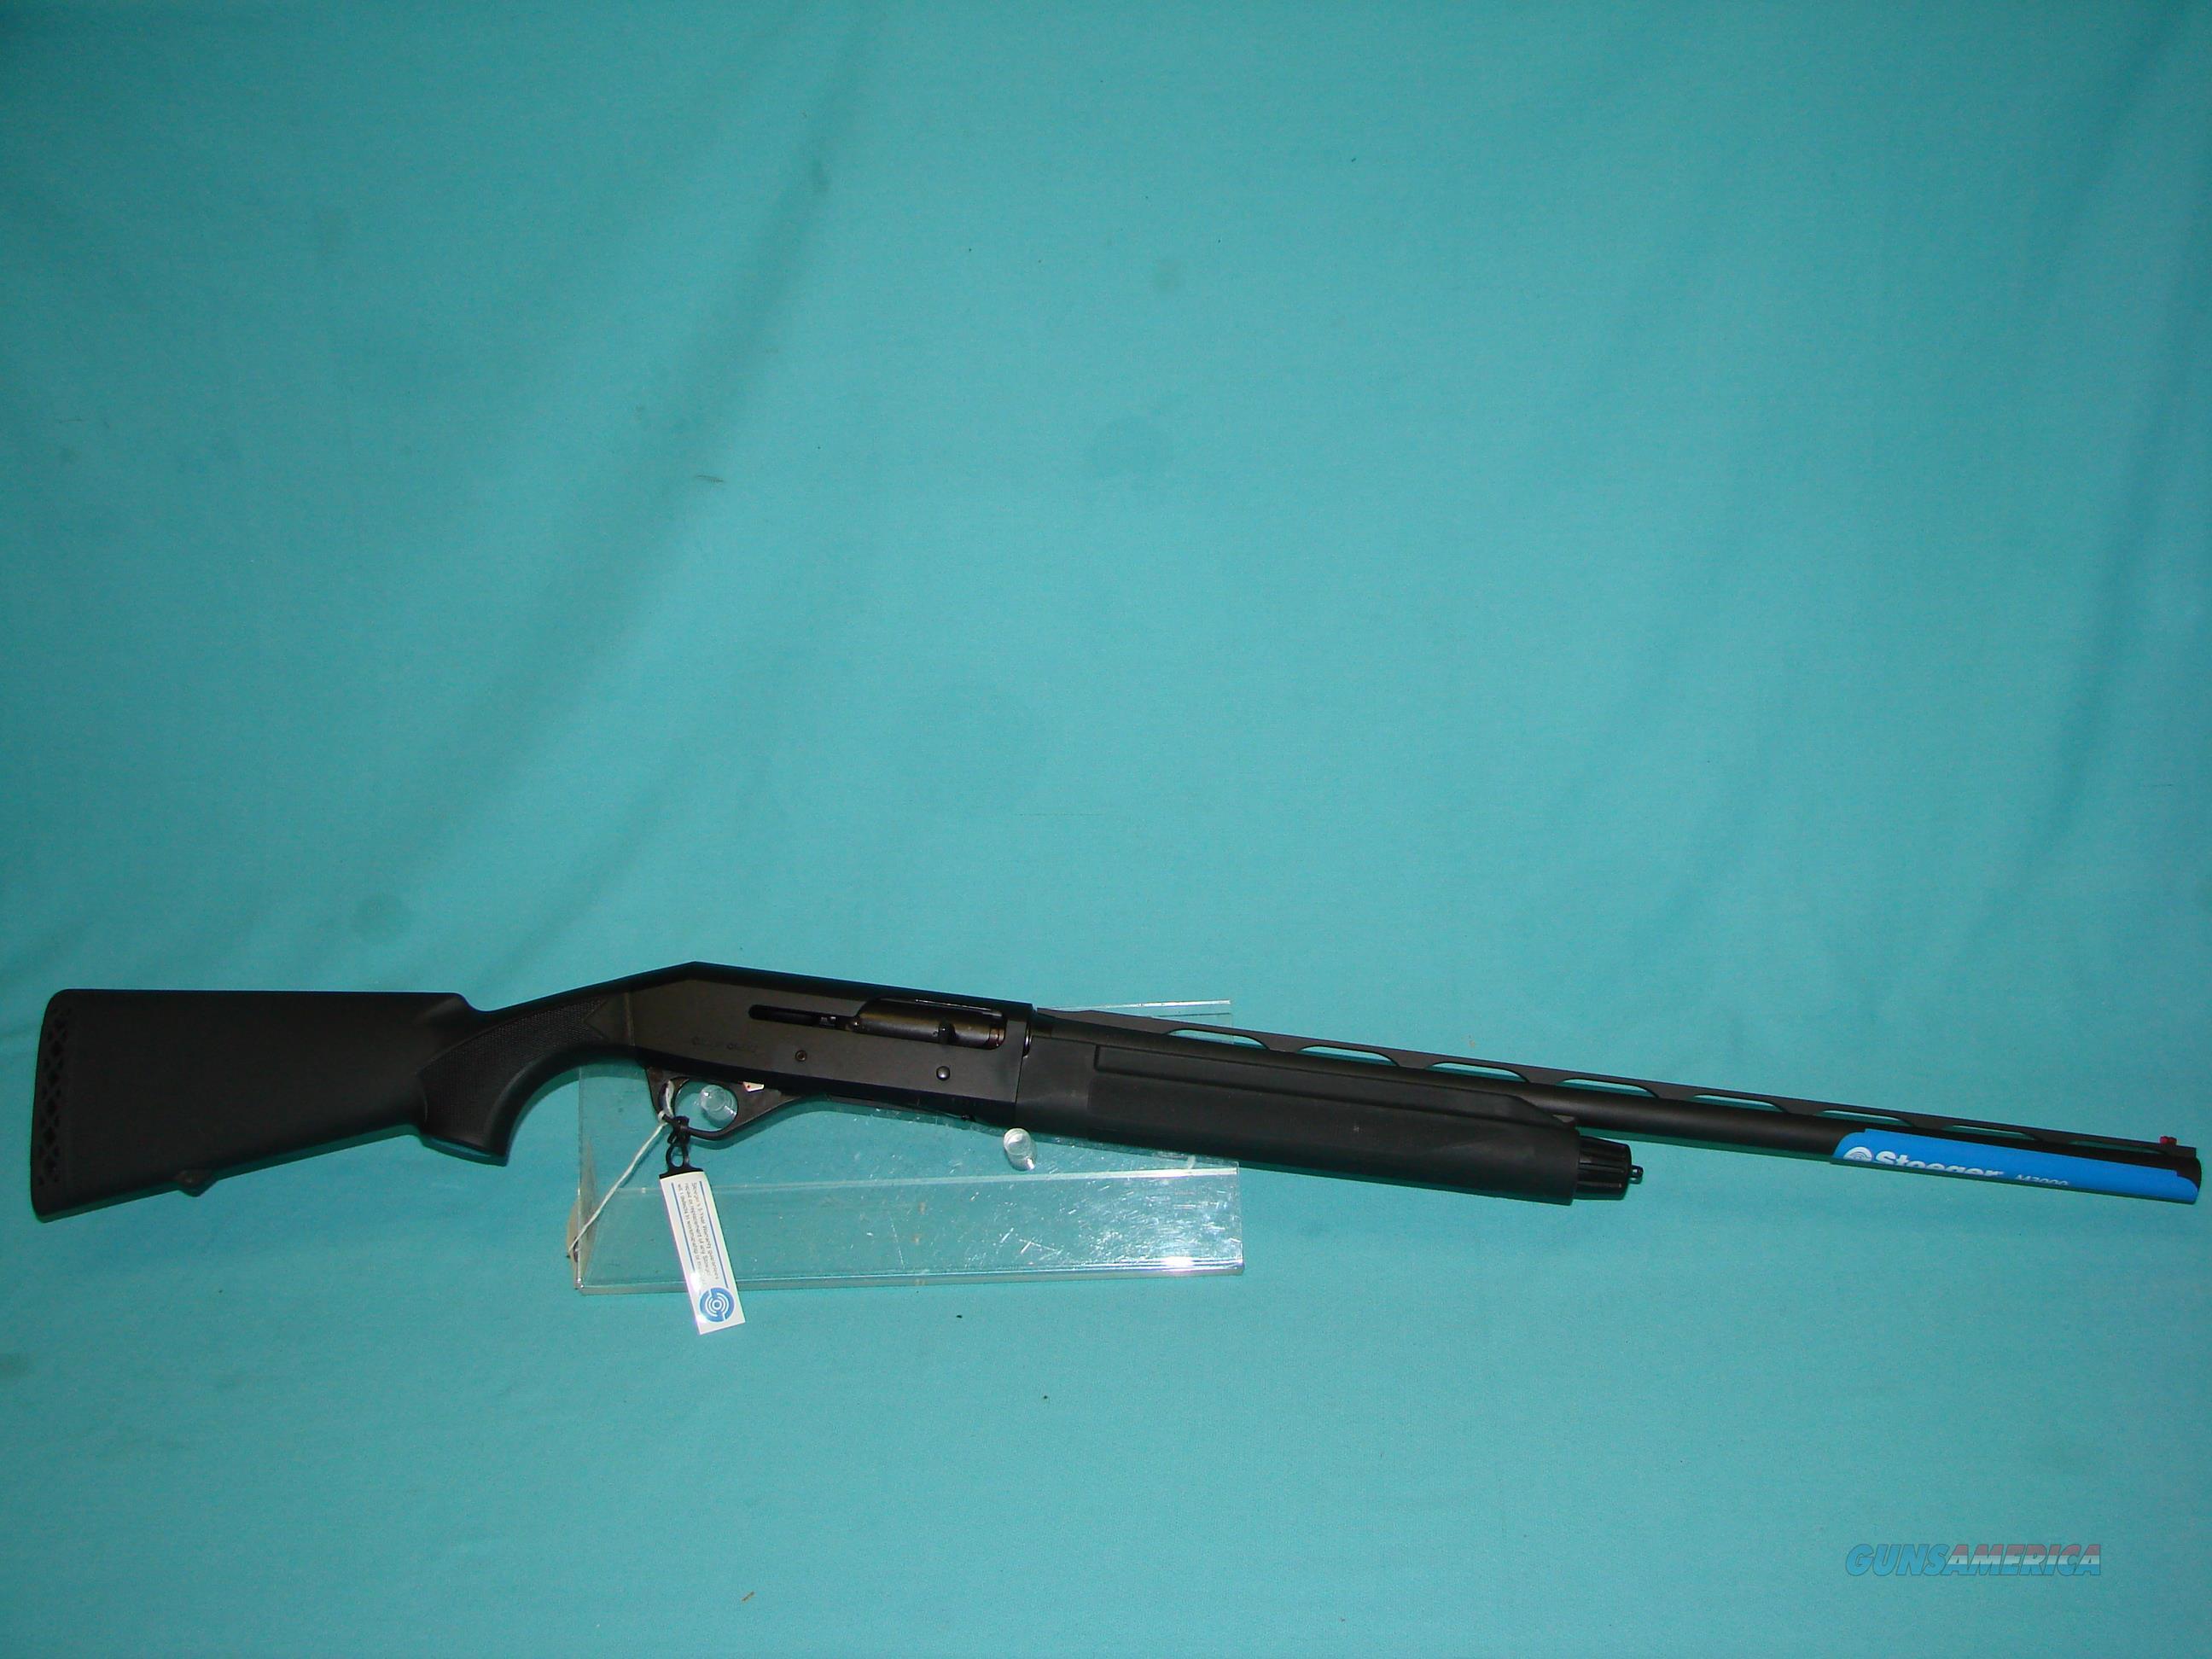 Stoeger M3000 12GA  Guns > Shotguns > Stoeger Shotguns